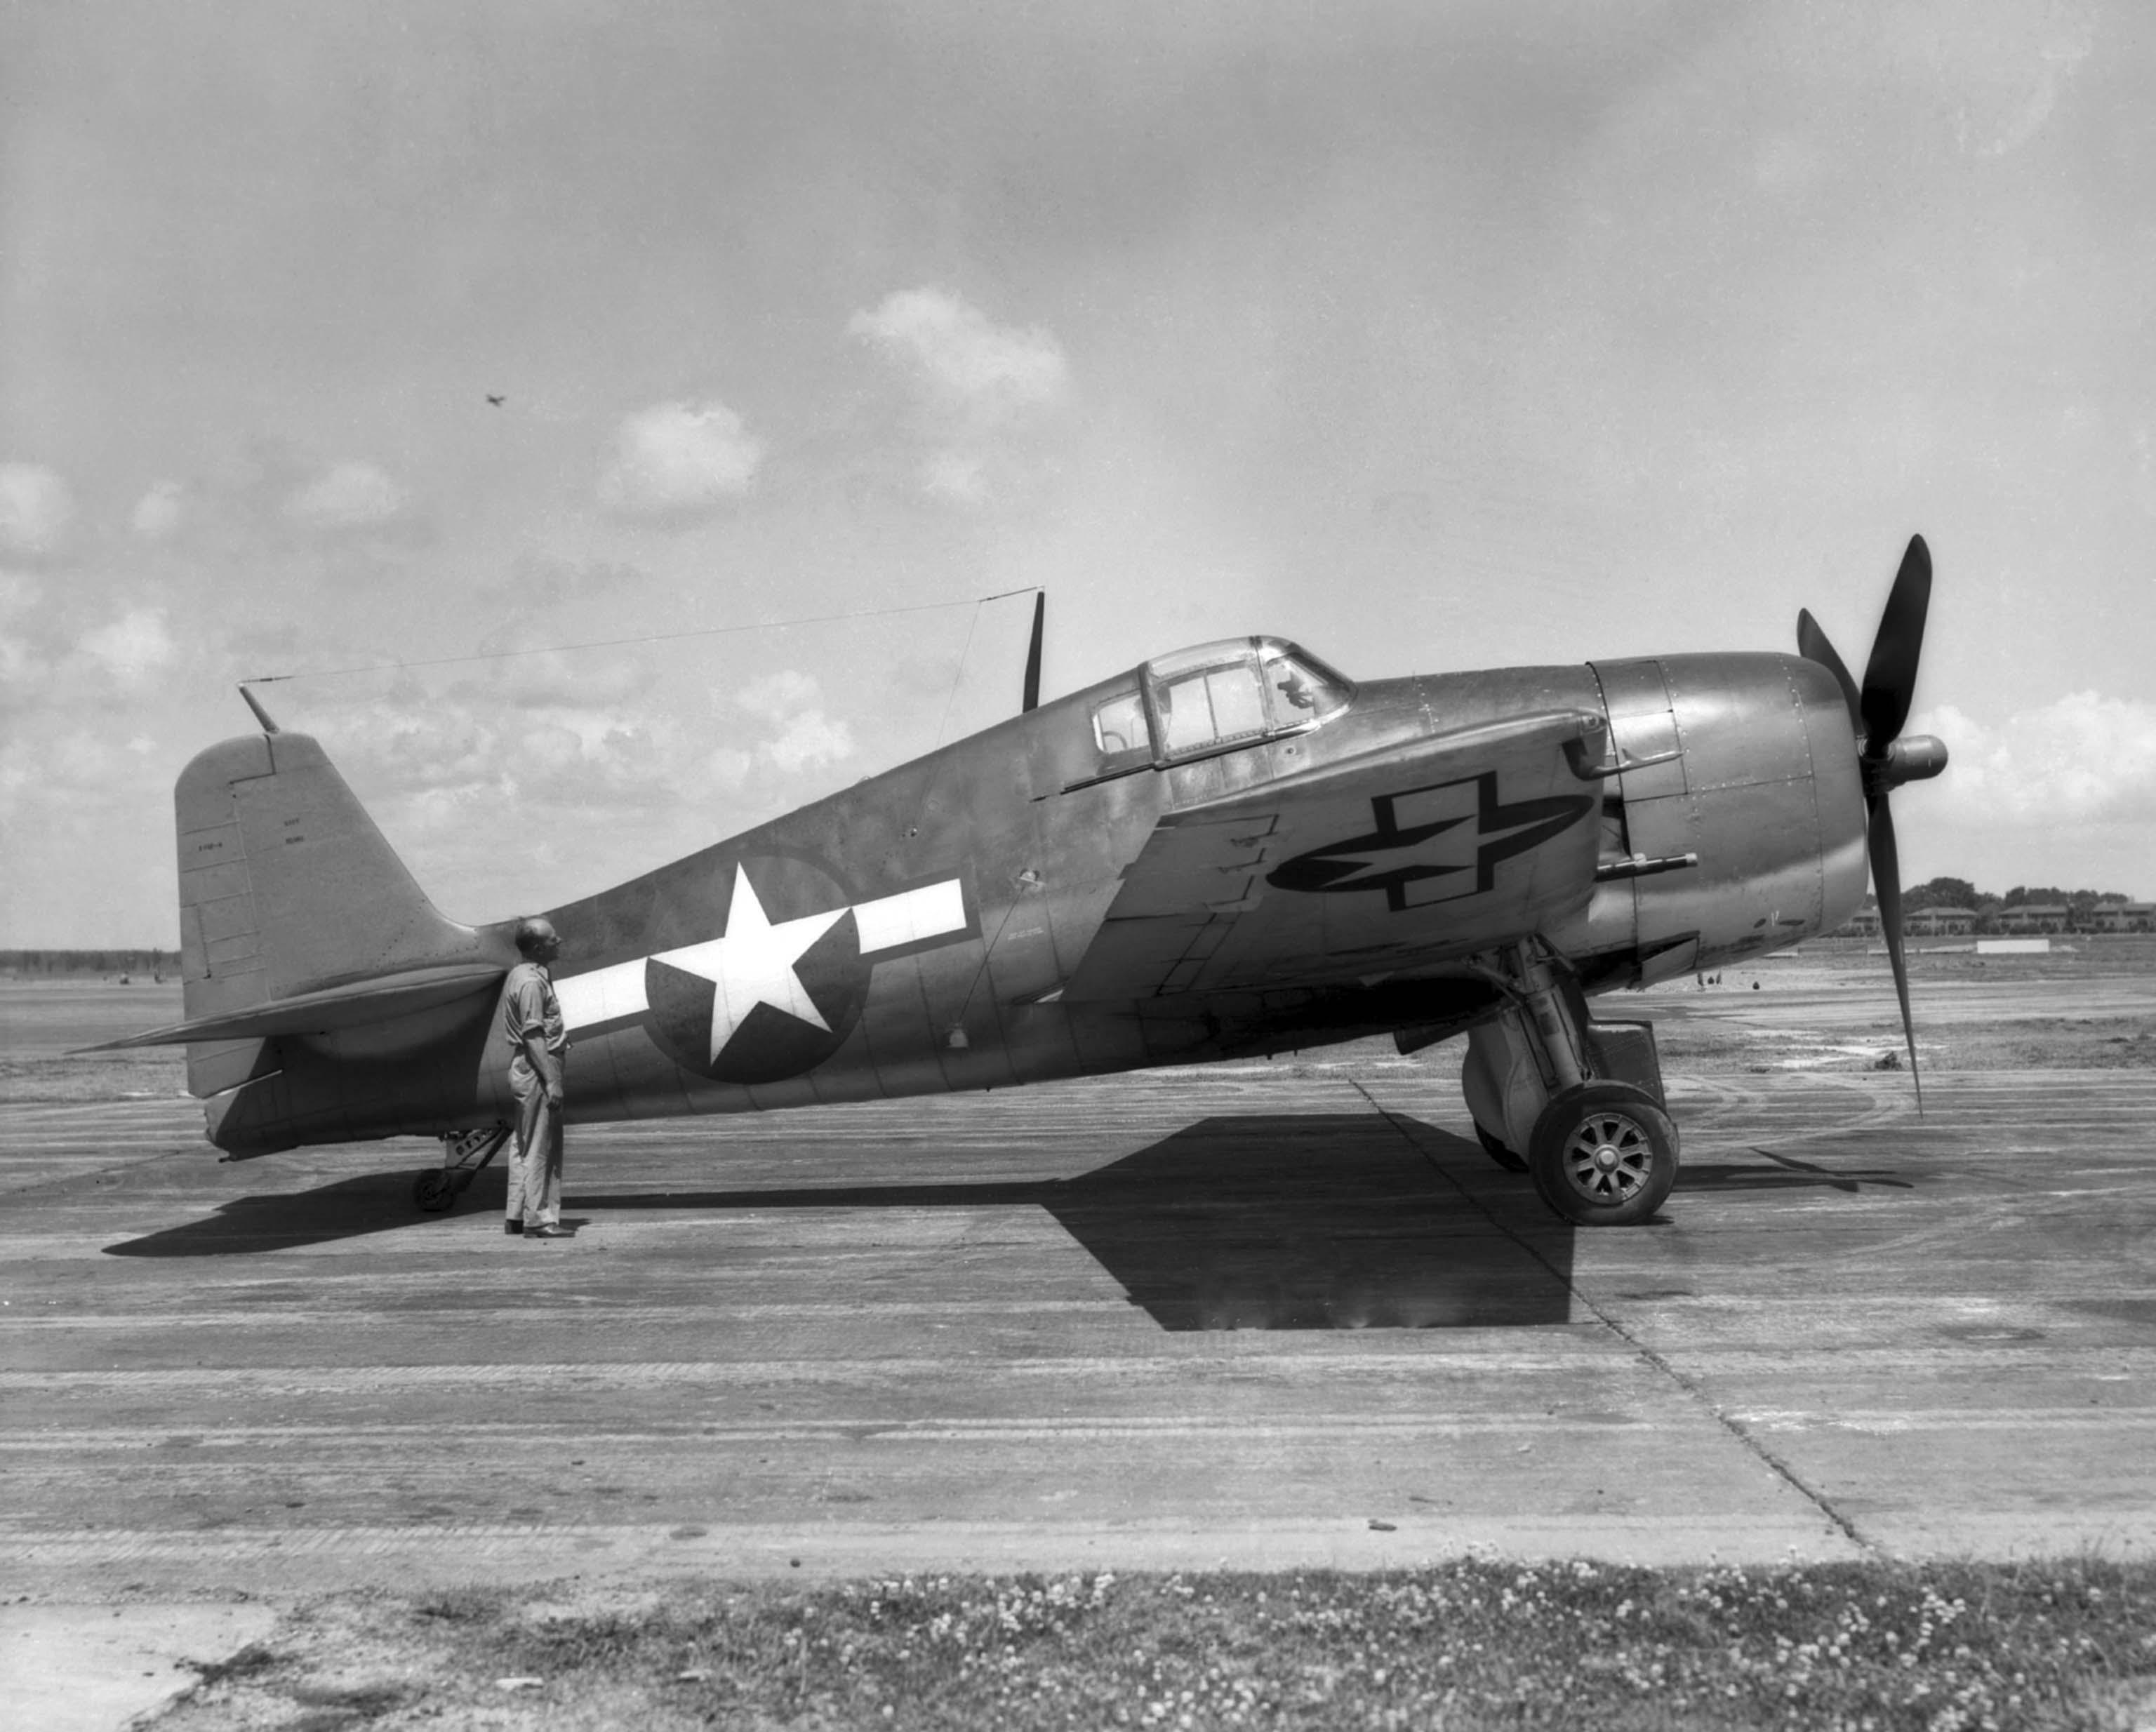 Grumman XF6F-4 Hellcat